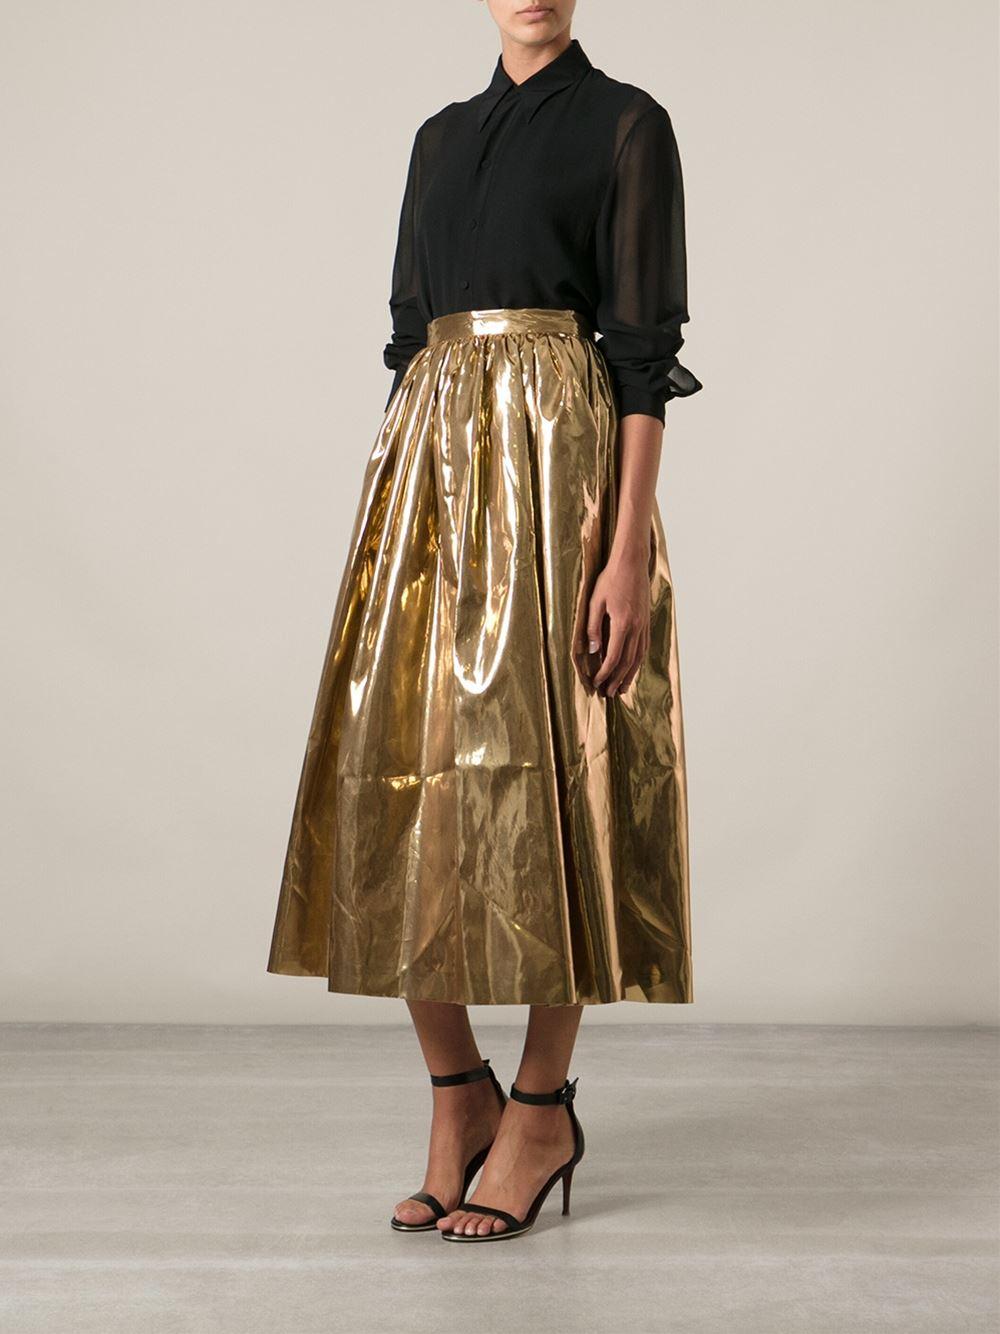 Msgm Long Full Skirt In Metallic Lyst